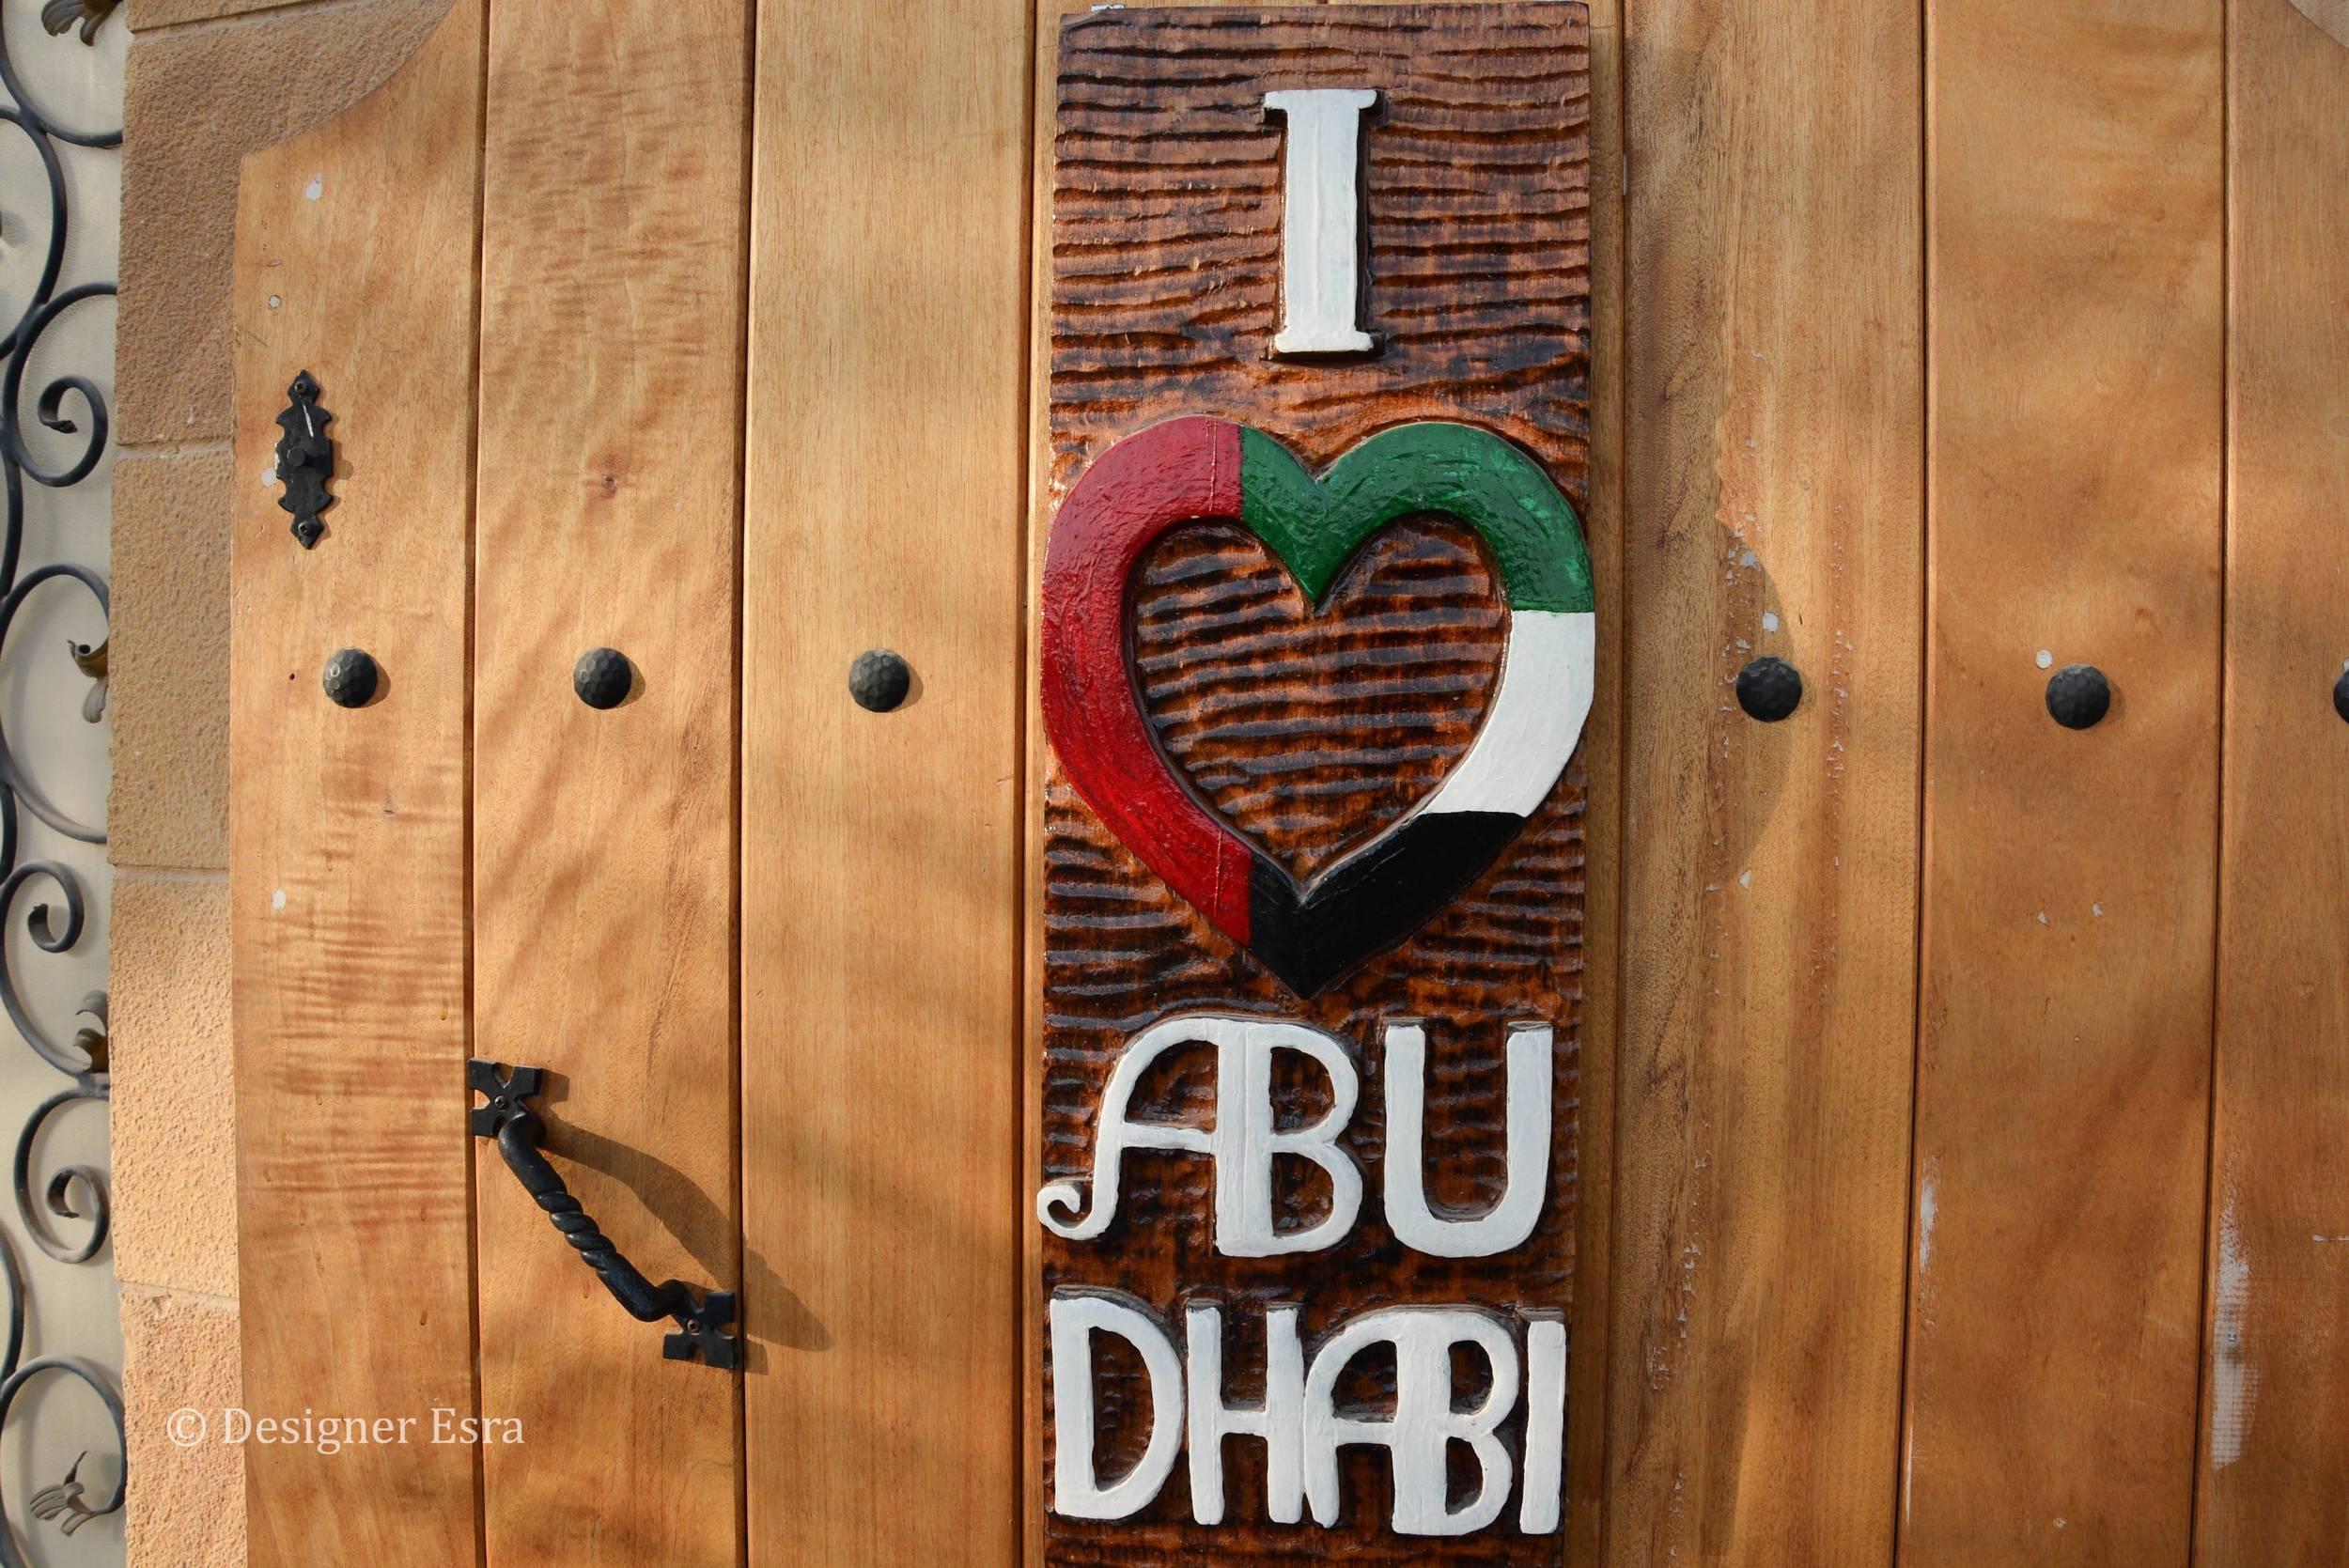 I love Abu Dhabi